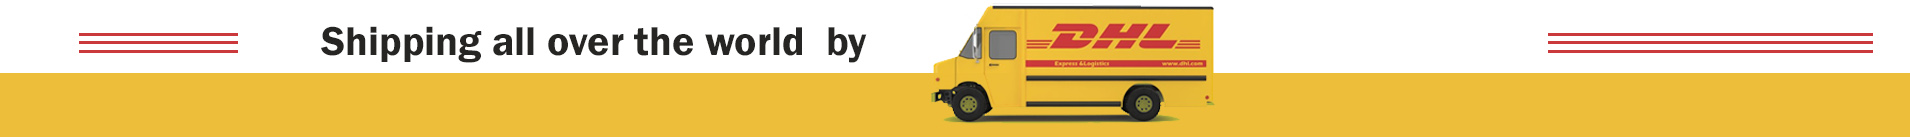 DHL poloballs web